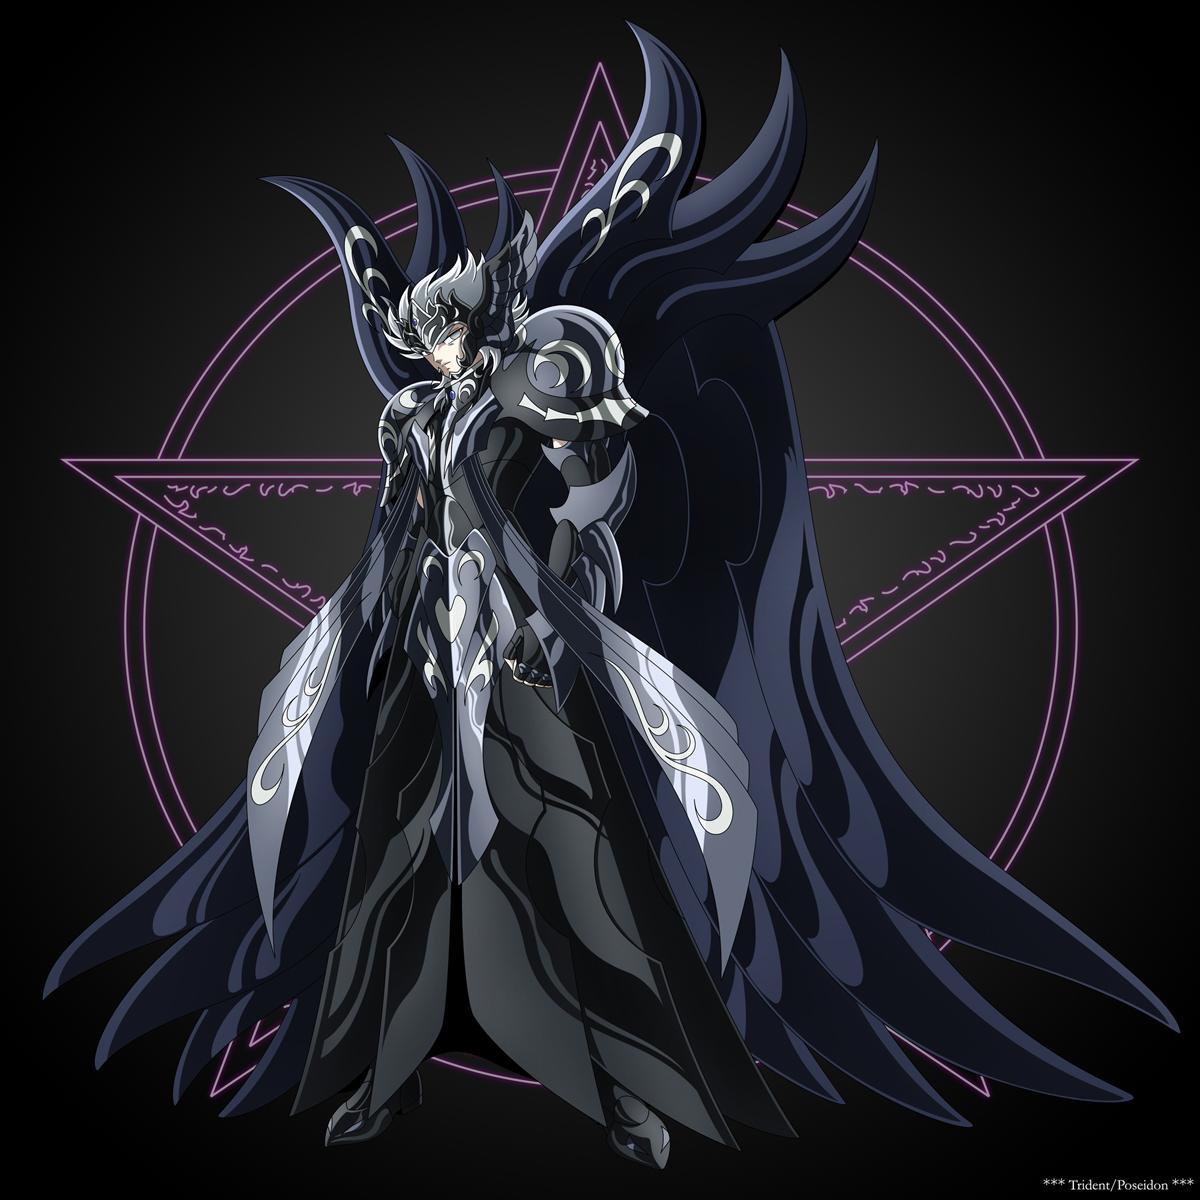 Caballeros del Zodiaco (Armaduras que usa Seiya) - Imágenes - Taringa!